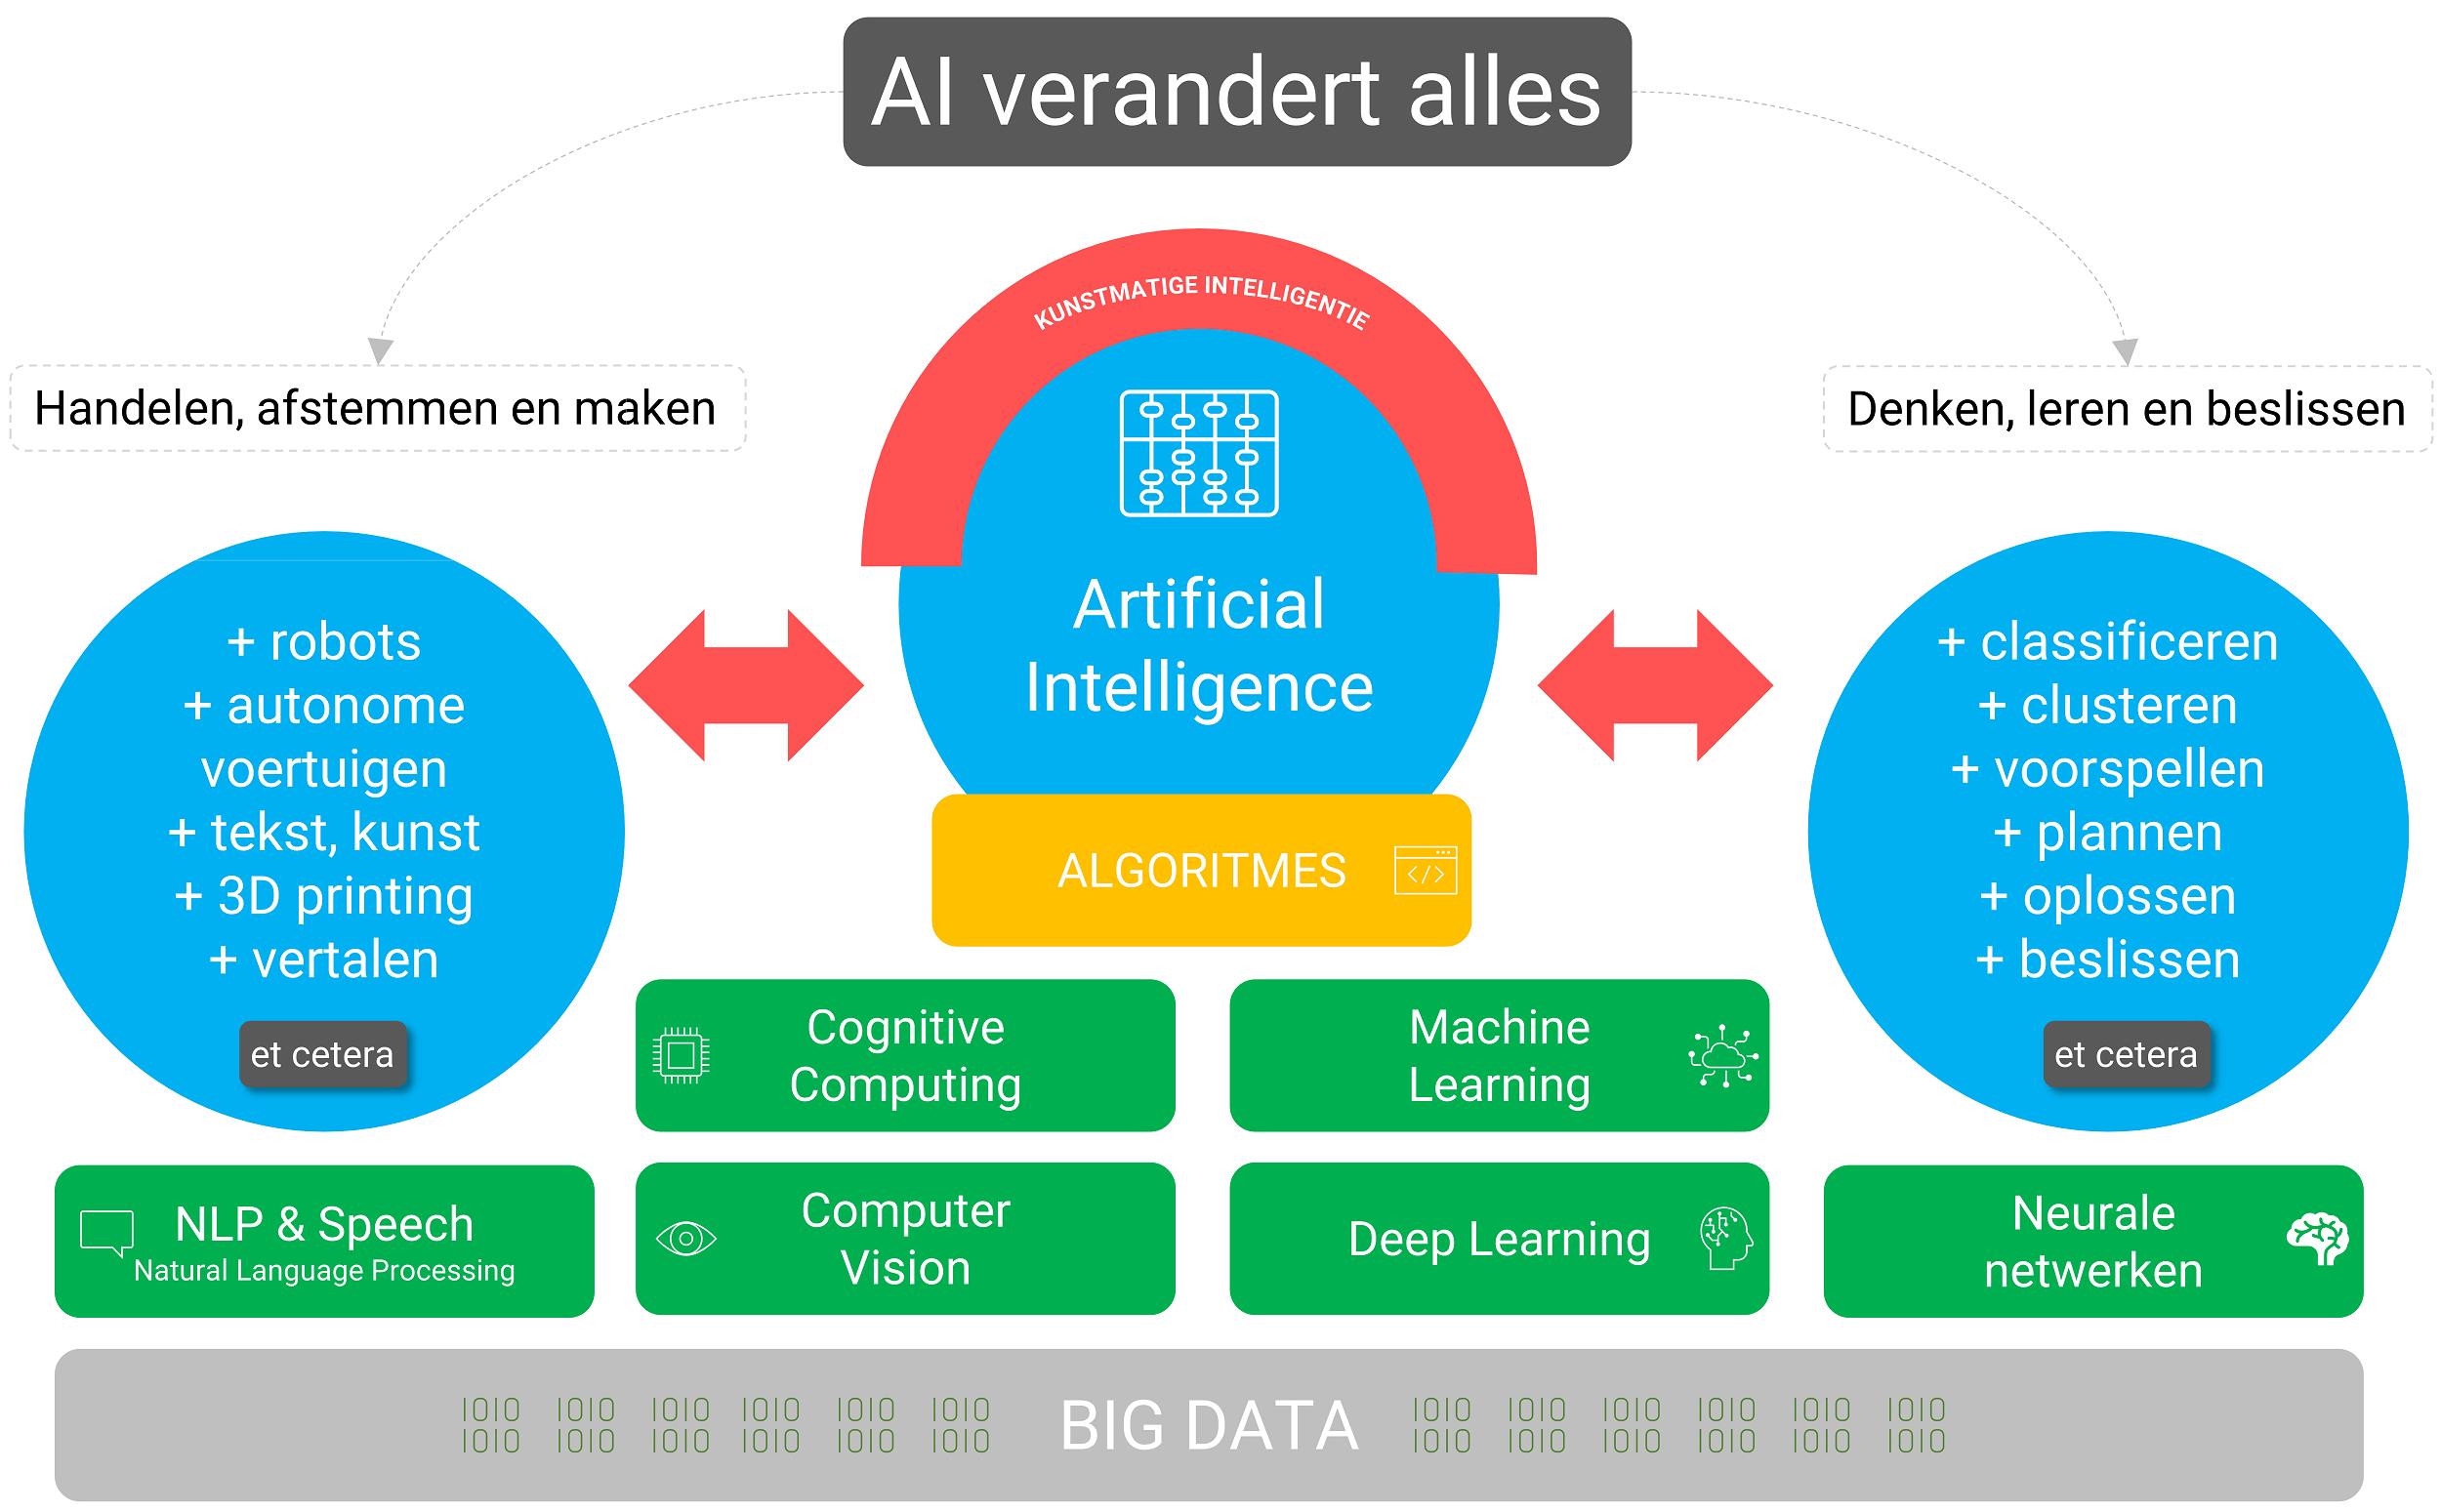 Wat is de impact en reikwijdte van artificial intelligence?